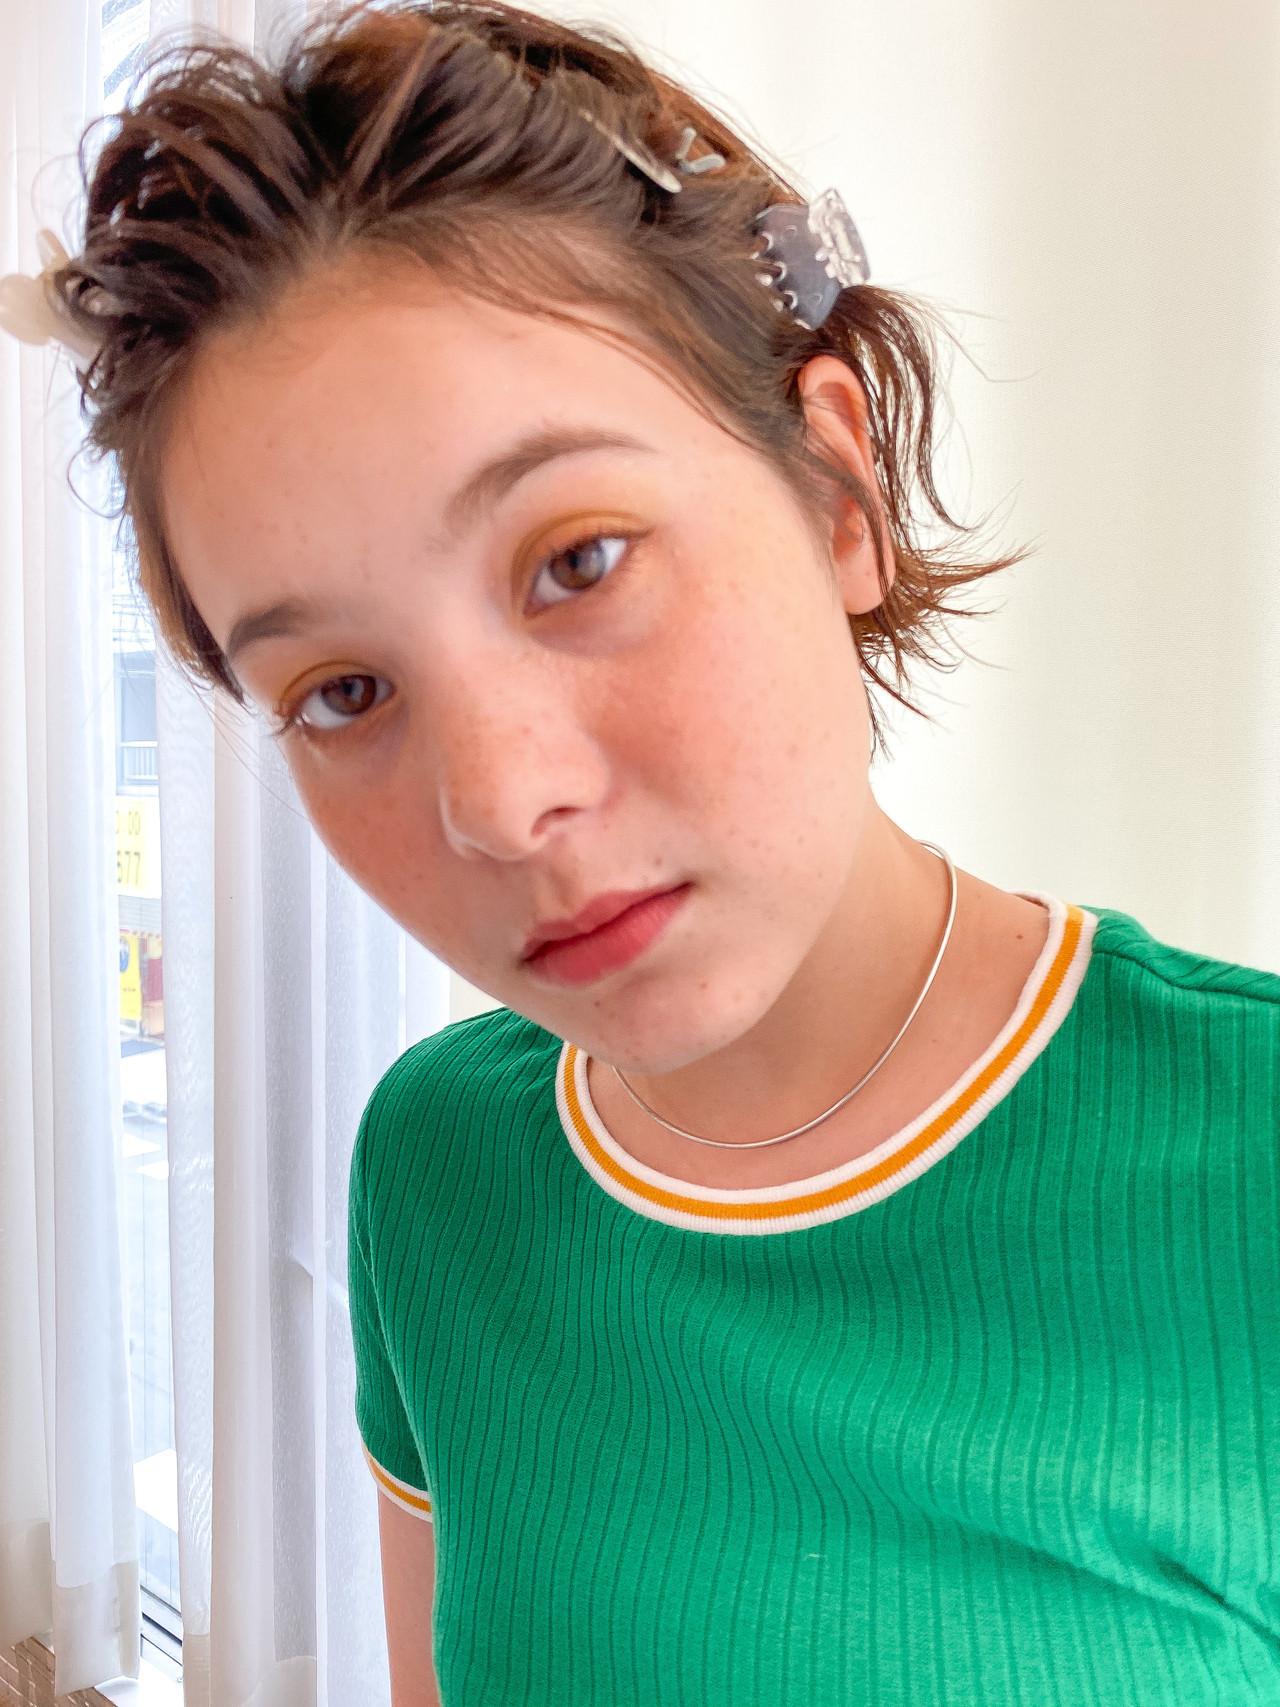 前髪 ヘアアレンジ ヘアピン 透明感 ヘアスタイルや髪型の写真・画像